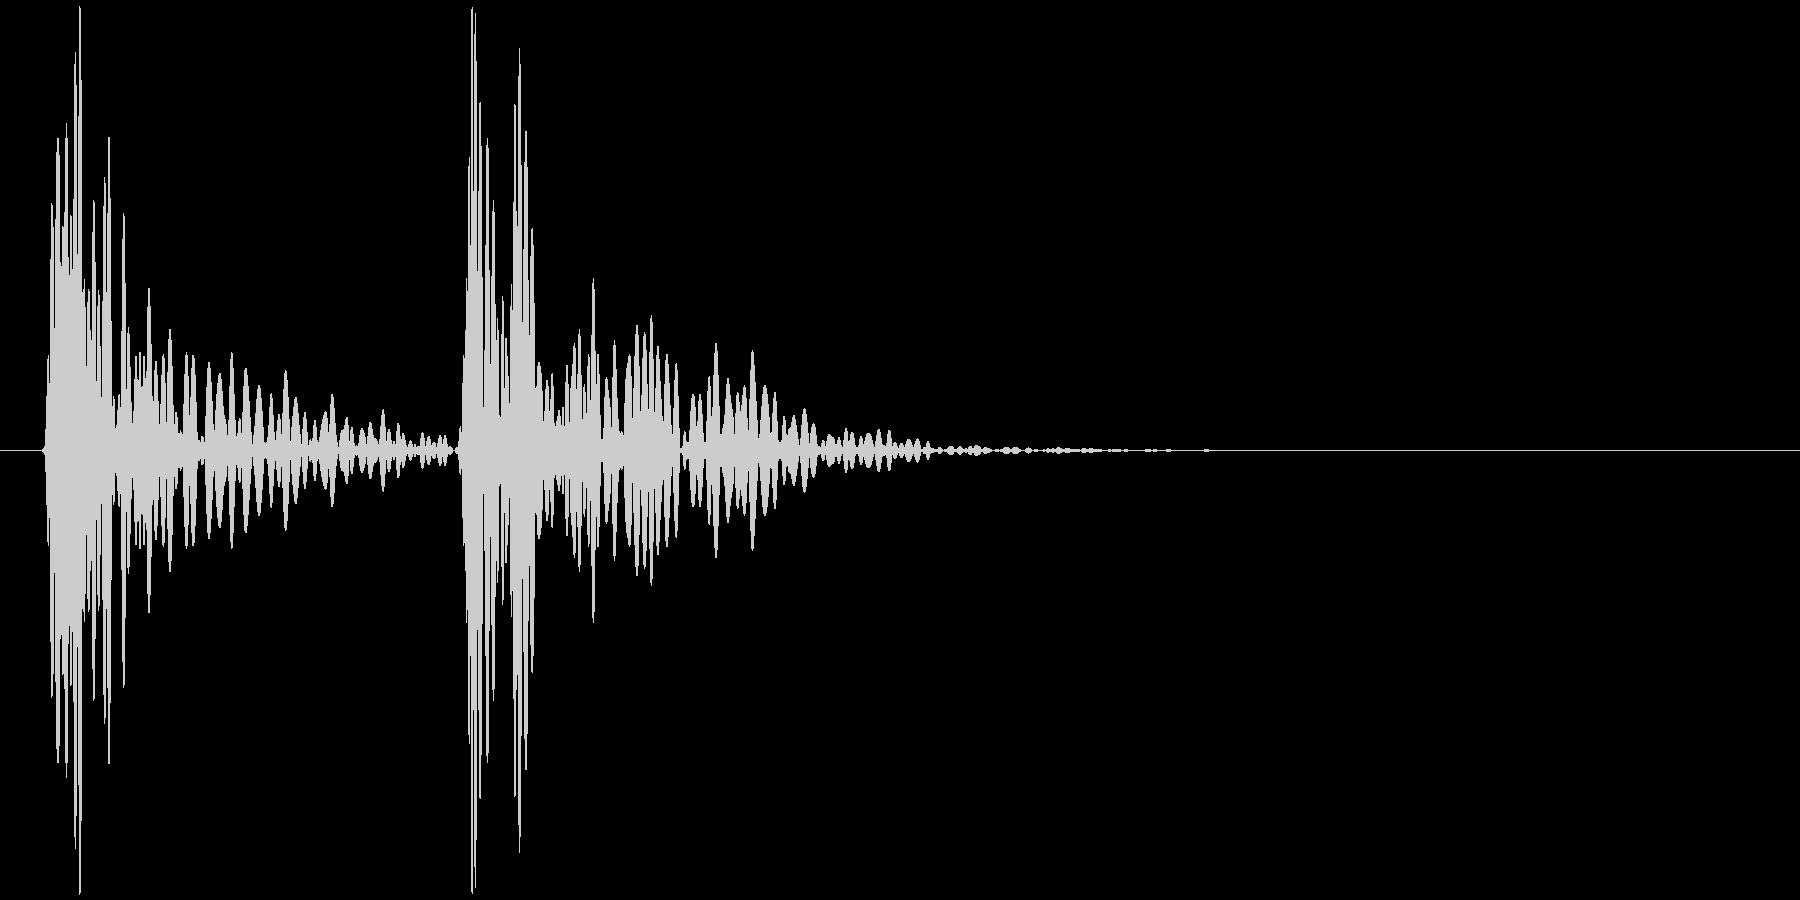 ドクンドクン(心臓の鼓動)の未再生の波形